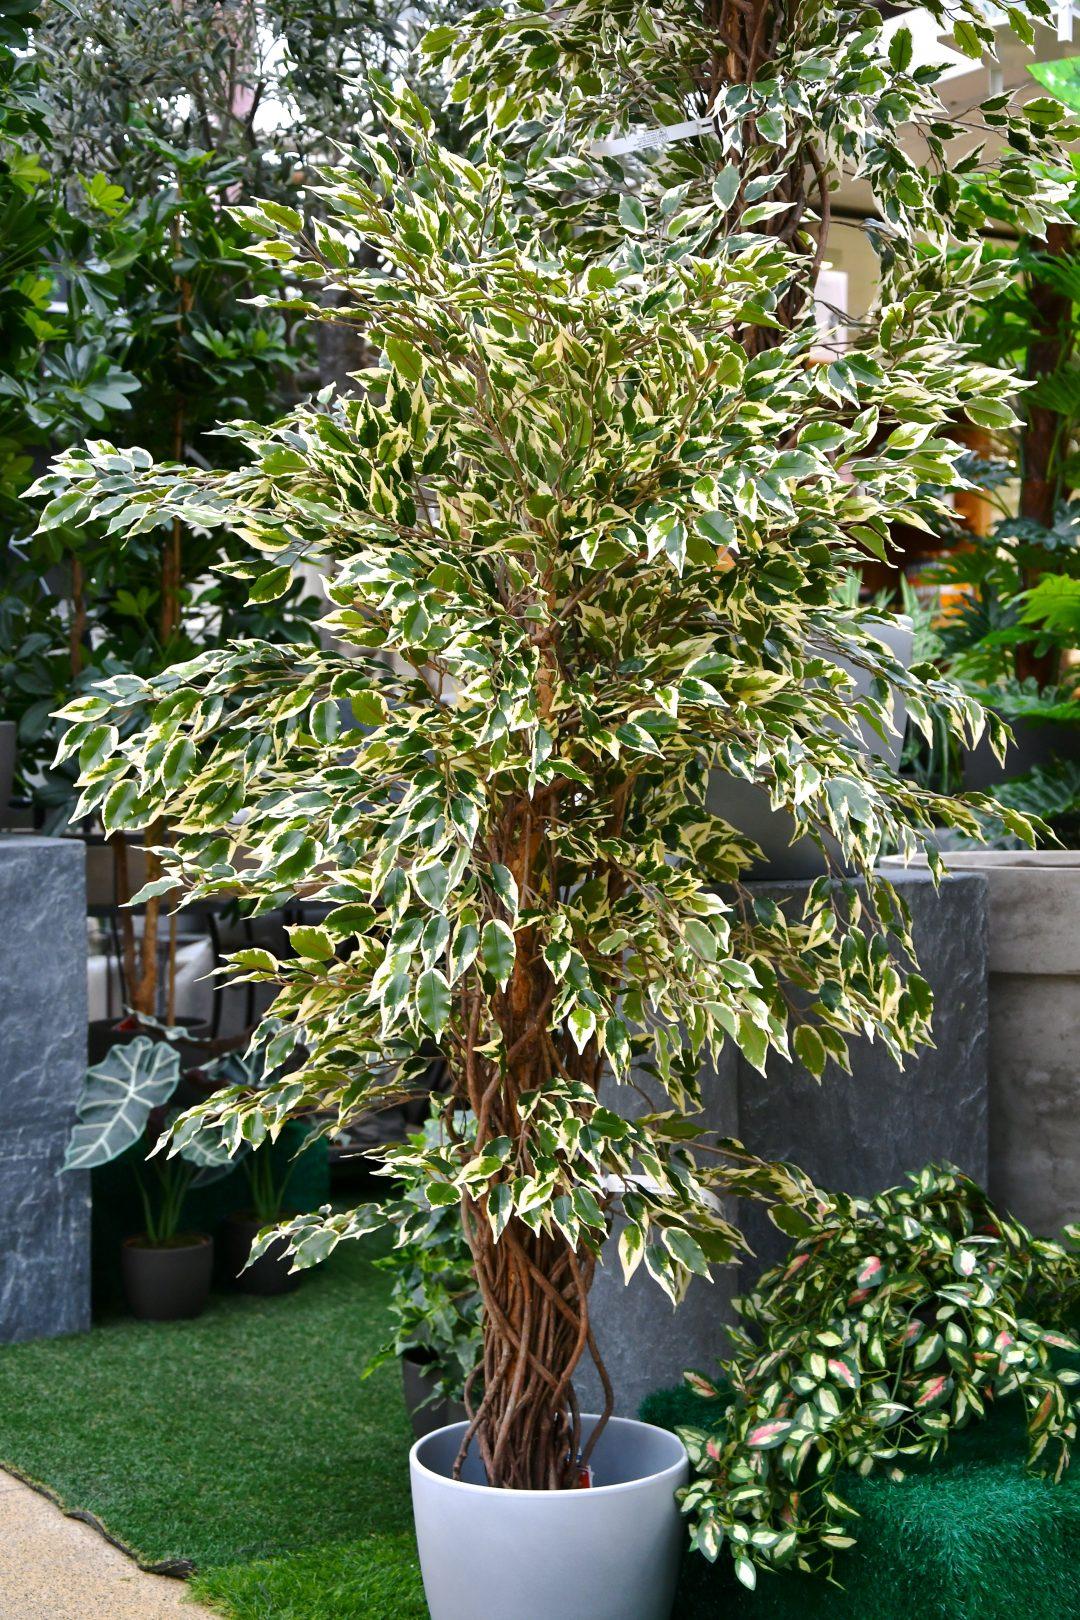 Auf diesem Bild sieht man einen großen künstlichen Ficus mit gelblich grünem Blattwerk. Der Ficus steht in einem weißen Übertopf und sieht verblüffend echt aus. Im Hintergrund sieht man weitere große Kunstpflanzen.